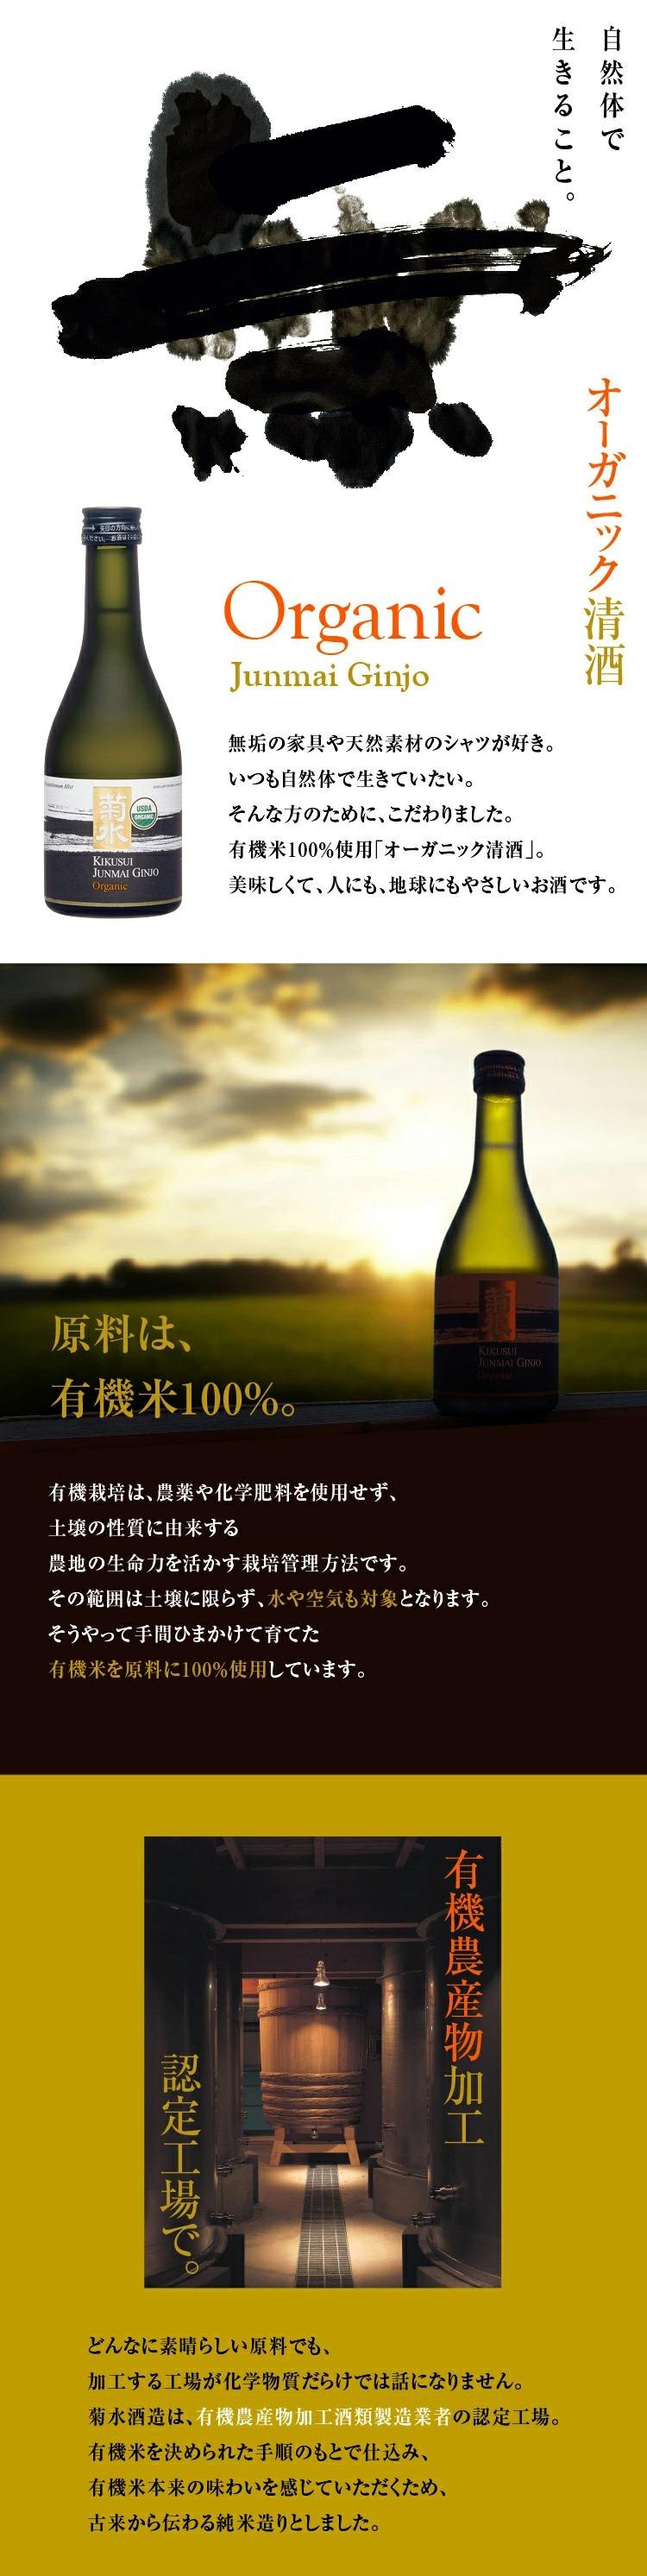 純米吟醸 オーガニック清酒 300ml